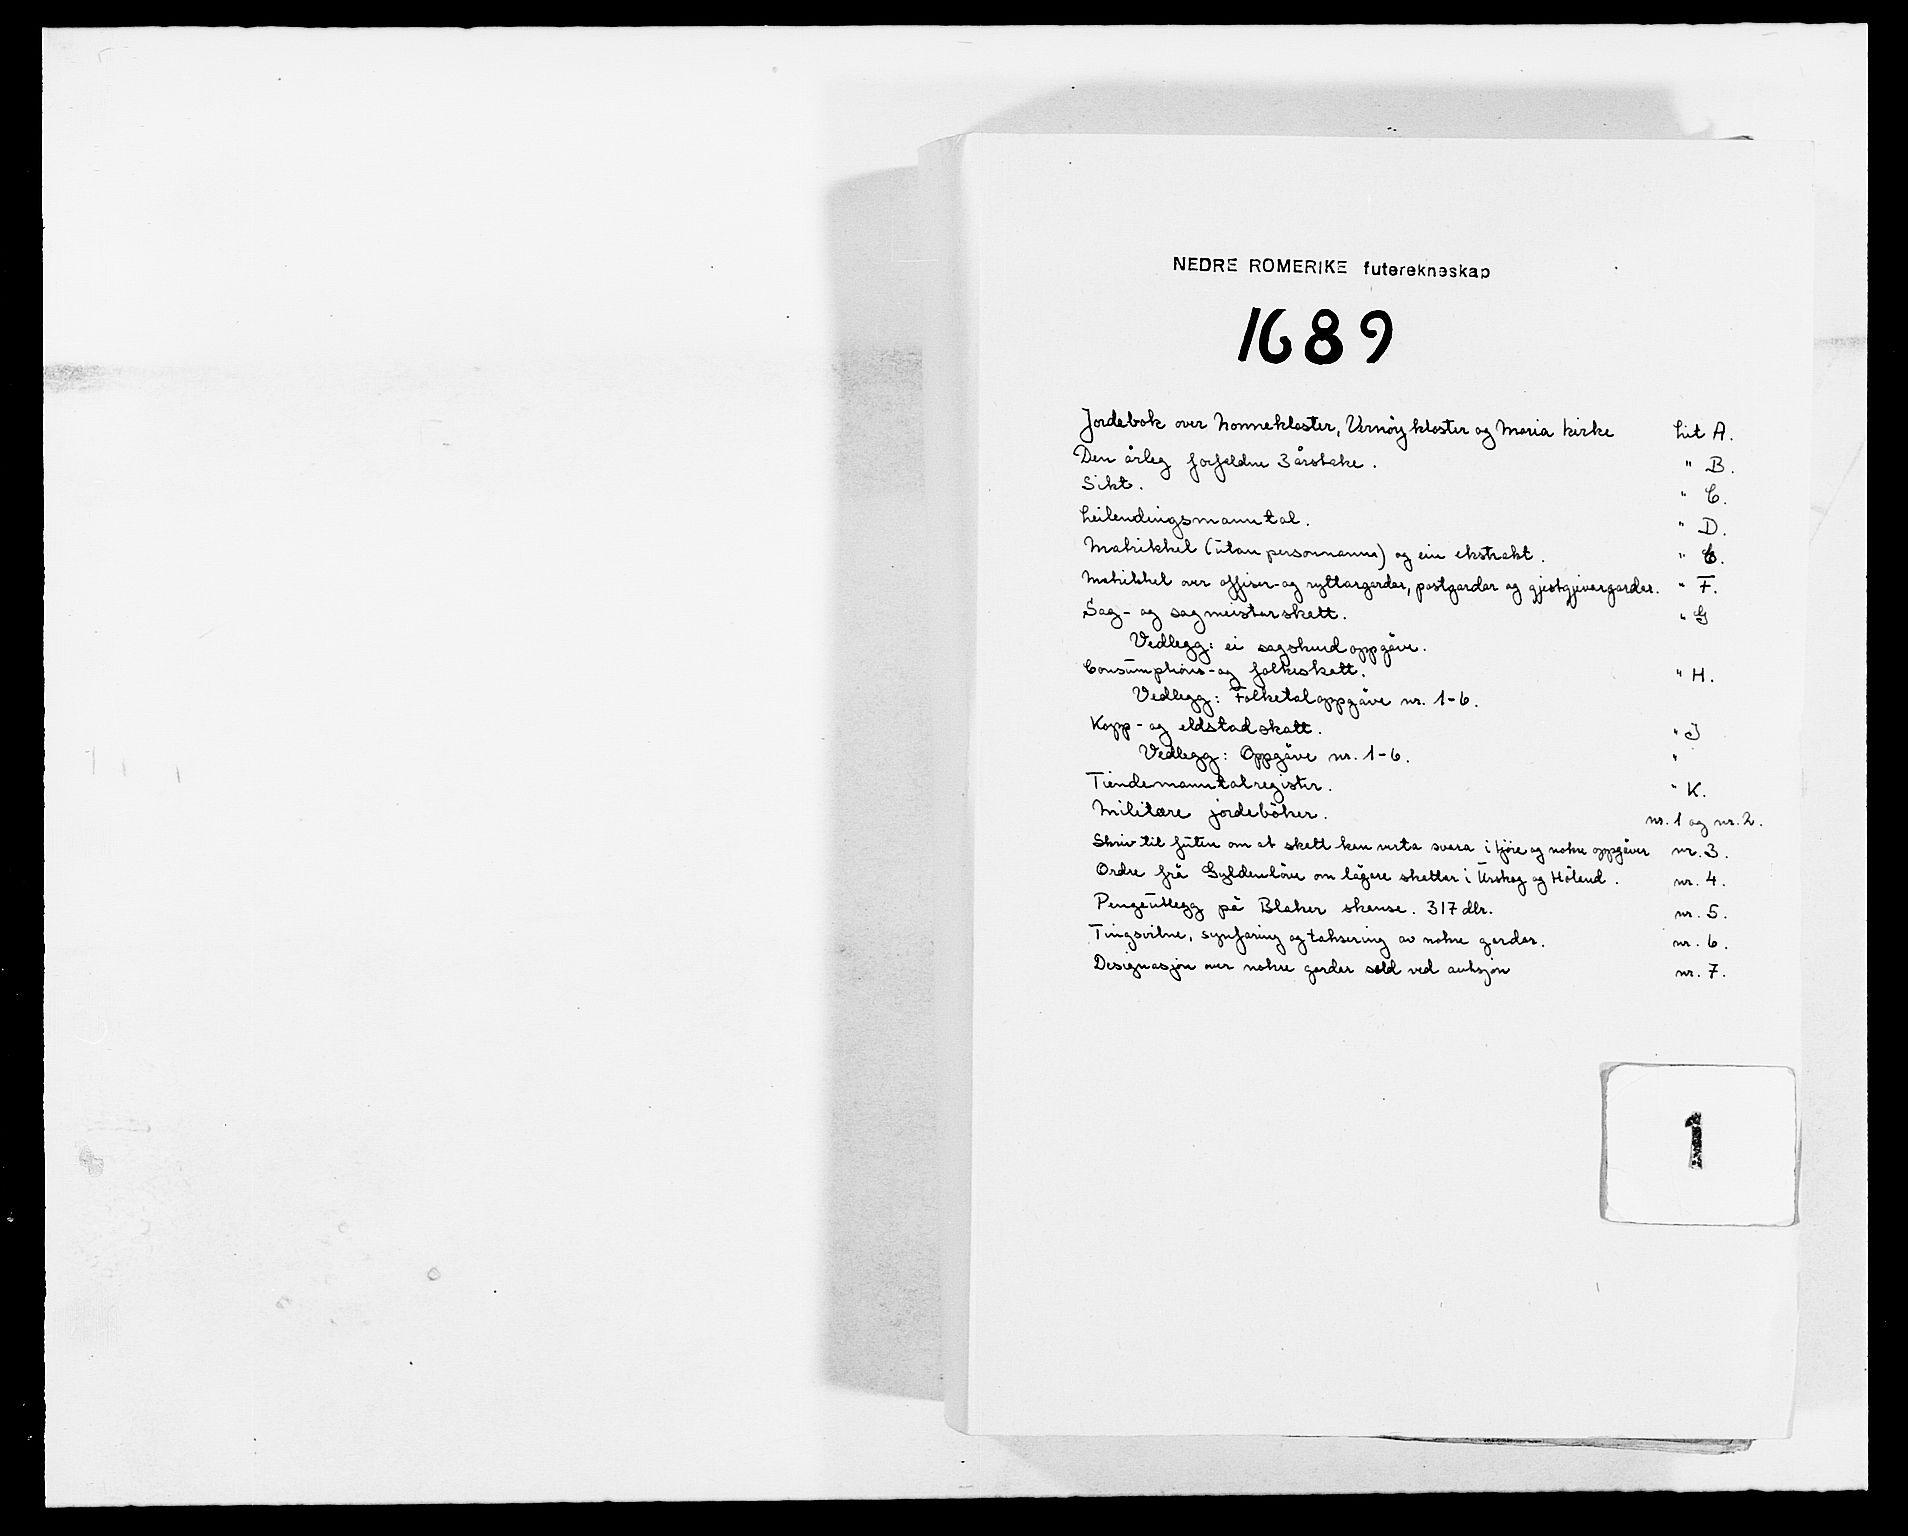 RA, Rentekammeret inntil 1814, Reviderte regnskaper, Fogderegnskap, R11/L0574: Fogderegnskap Nedre Romerike, 1689-1690, s. 1